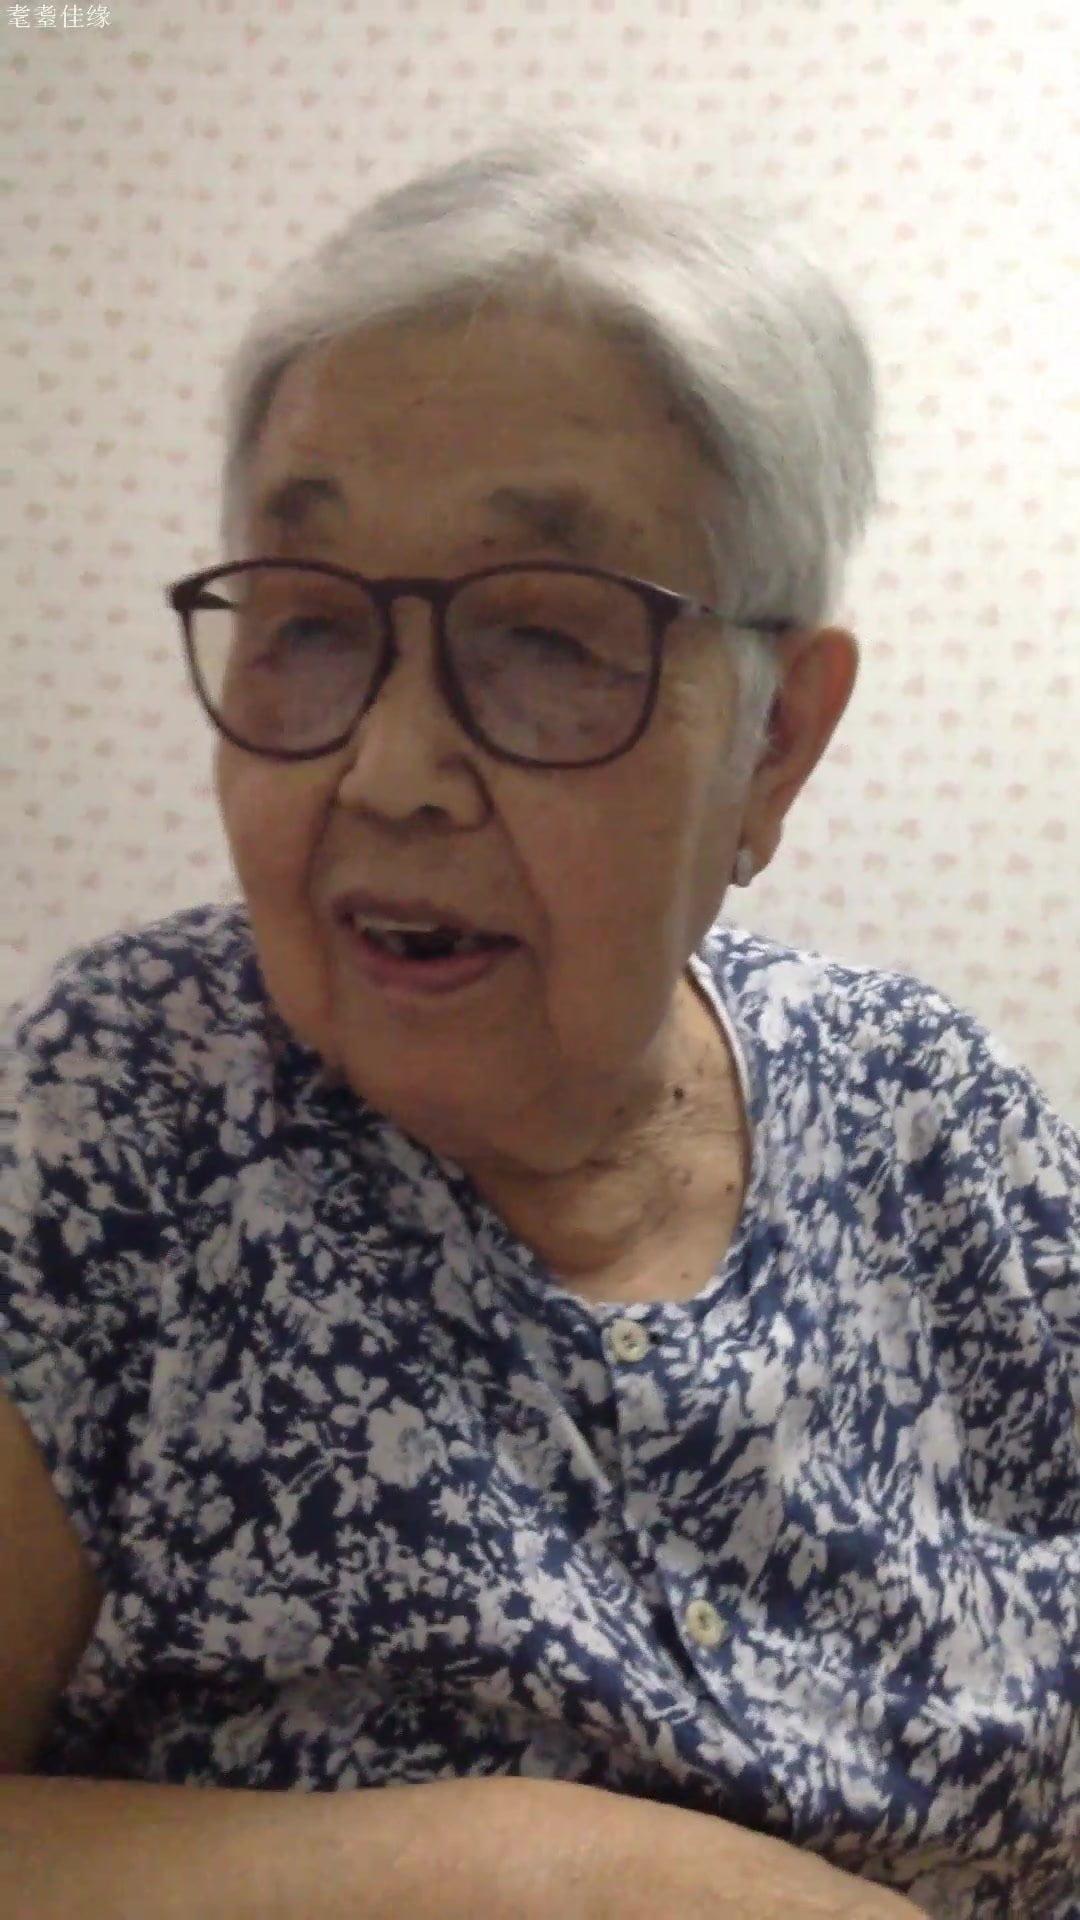 中国語おばあちゃん -  xHamster▶2:46